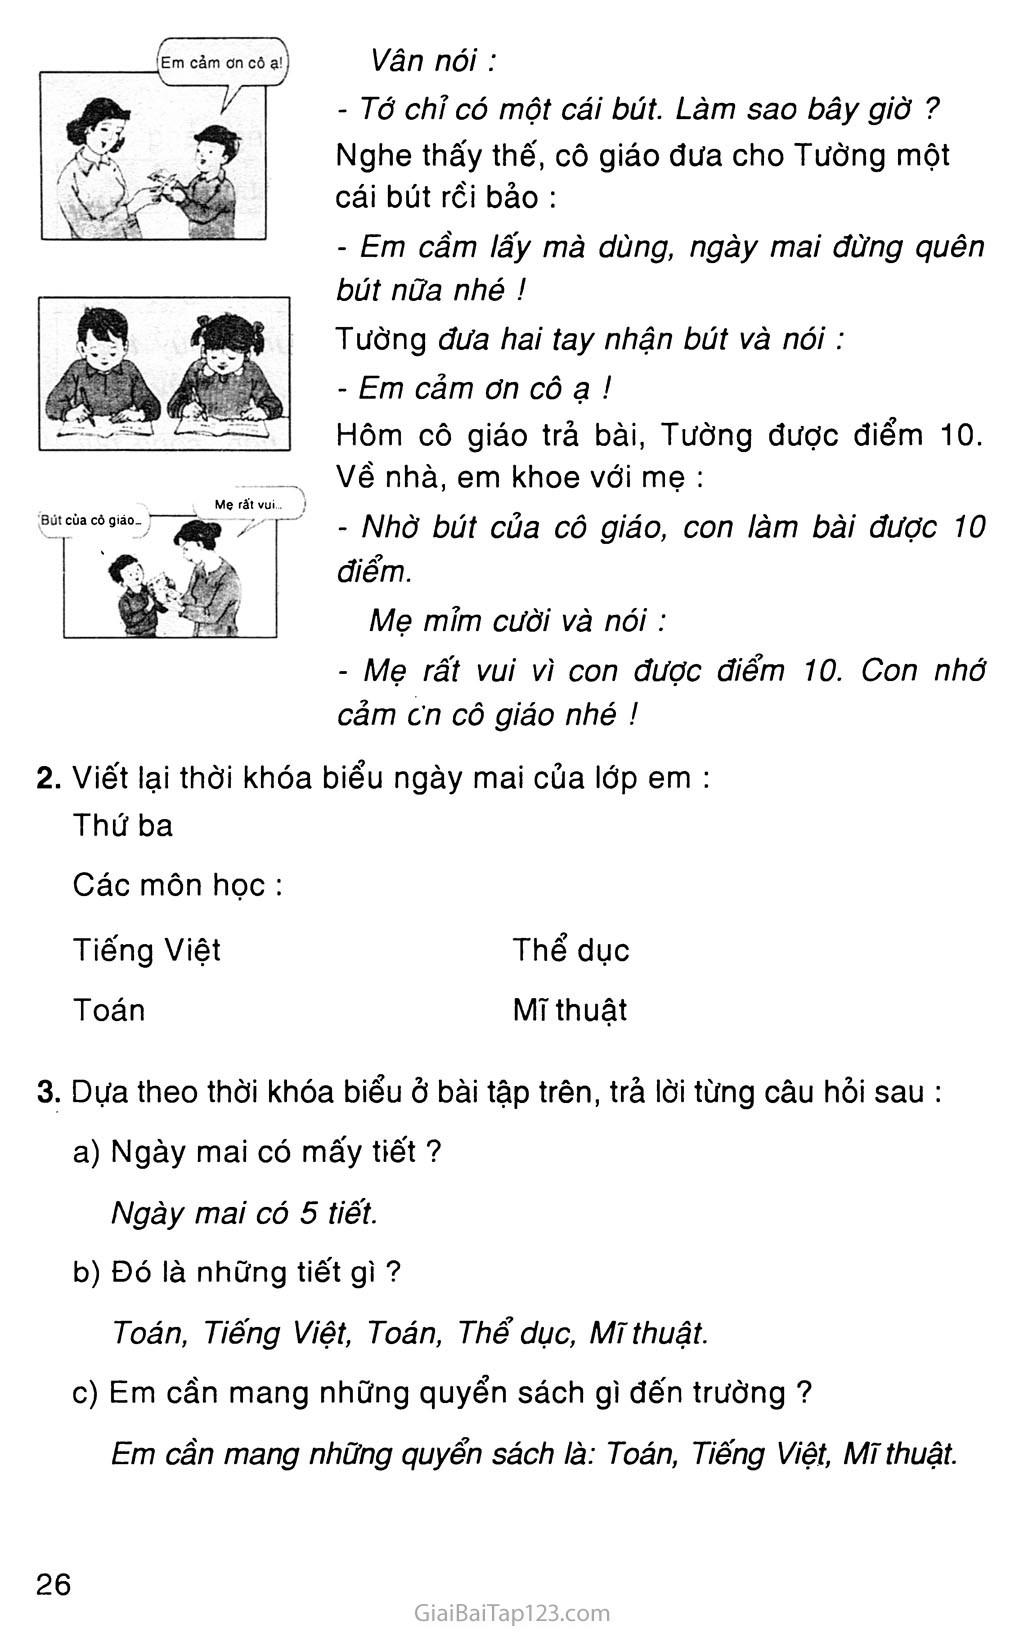 Tuần 7 trang 4